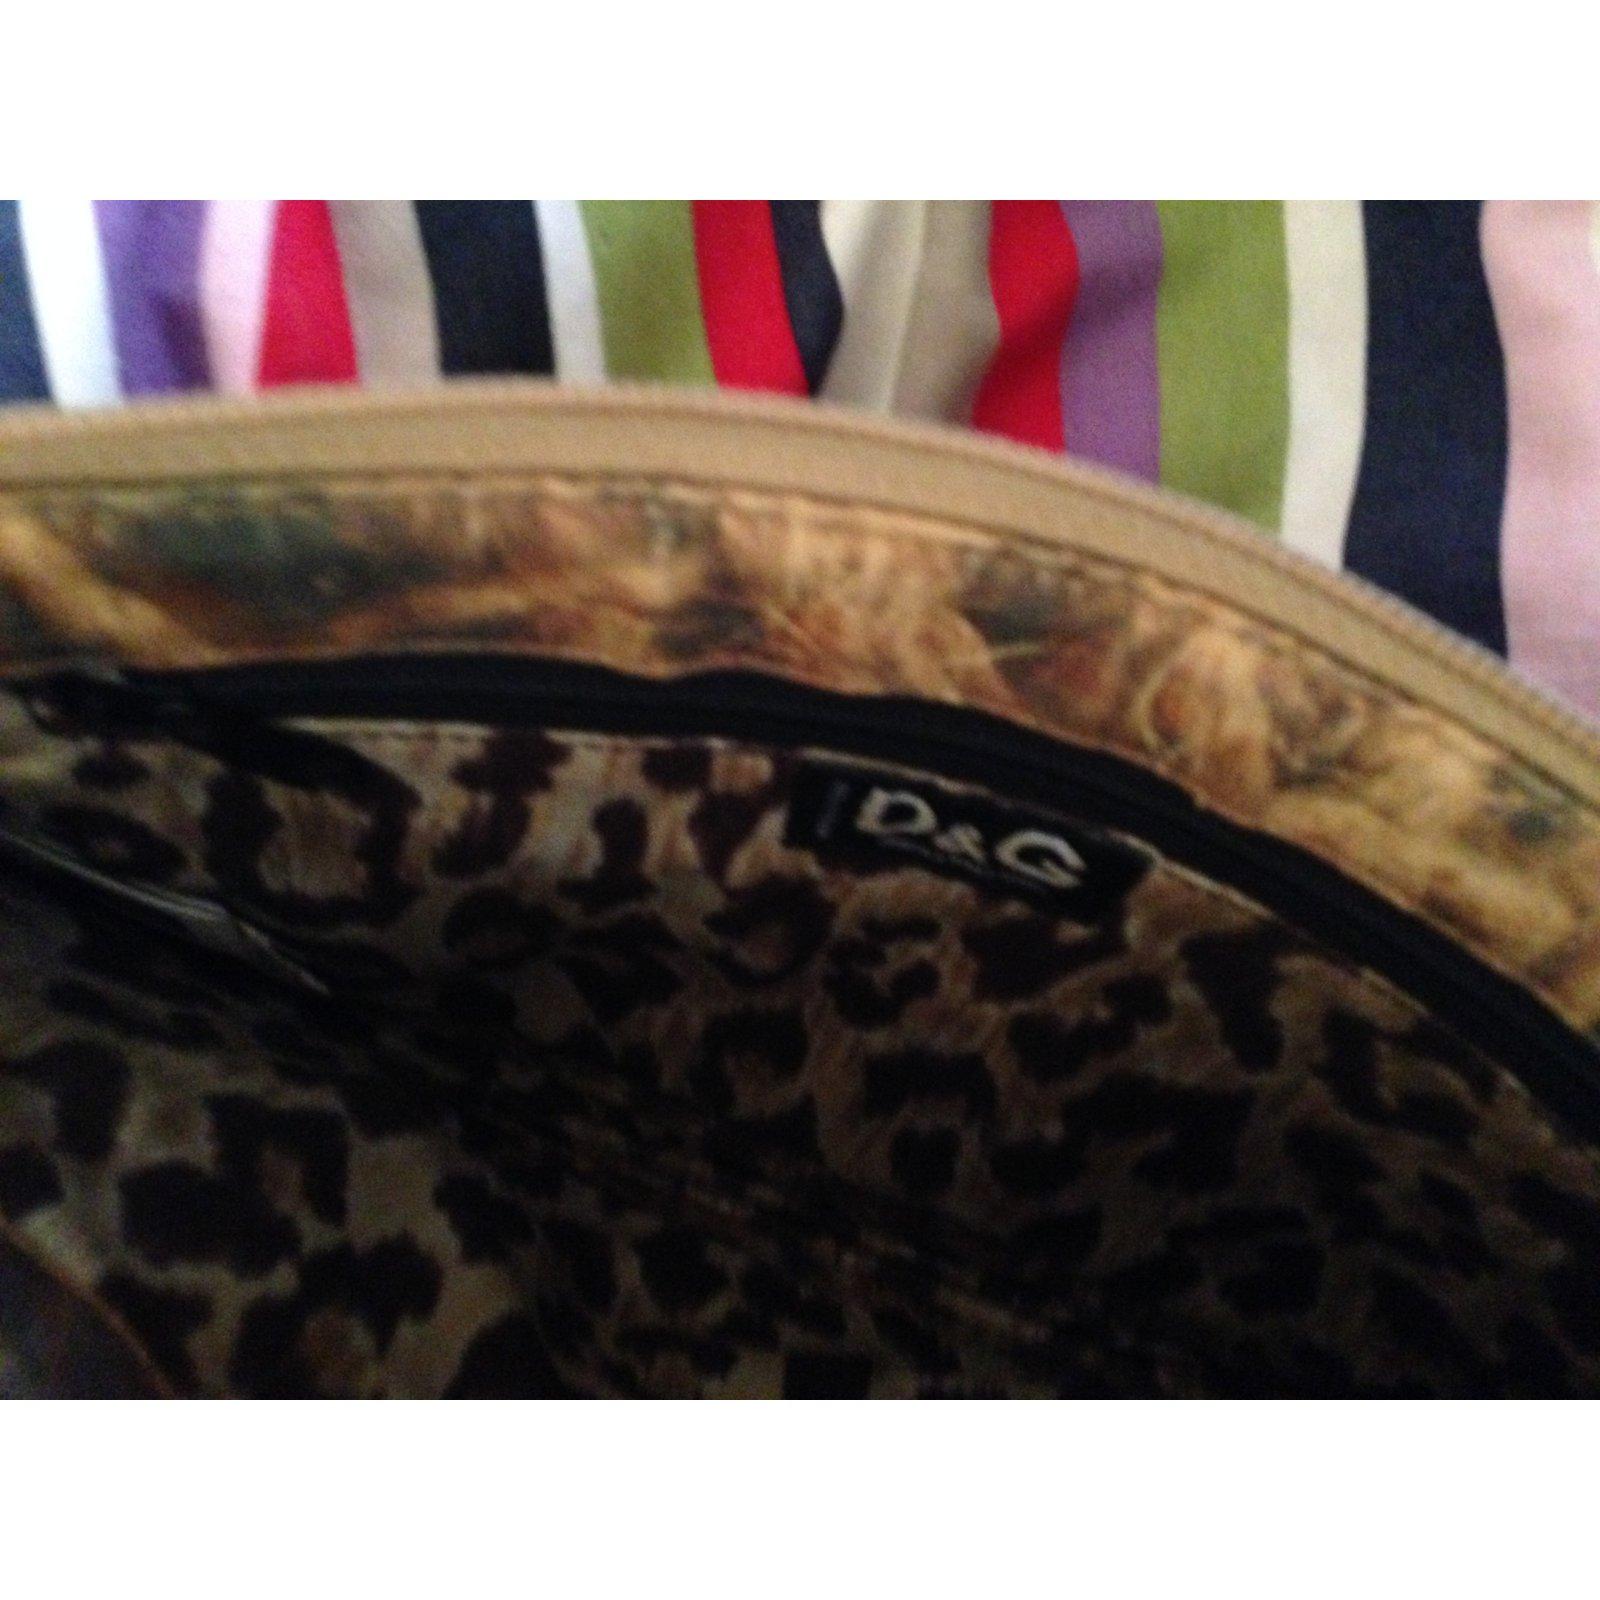 b34f4fa069 D G Handbags Handbags Cloth Beige ref.66115 - Joli Closet